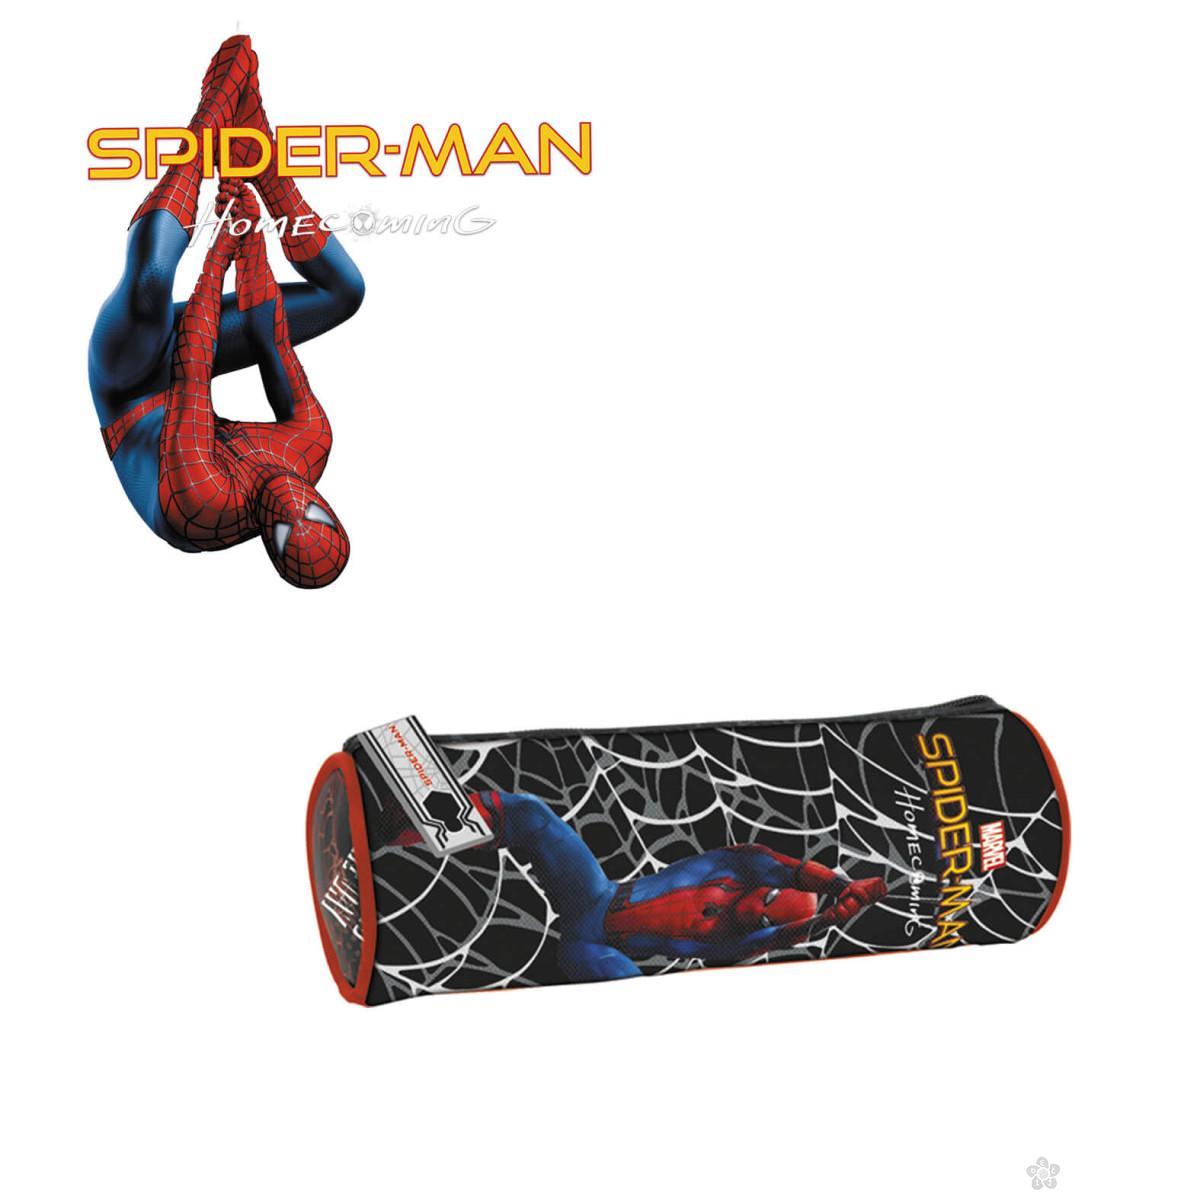 Okrugla pernica Spiderman, PTSH12